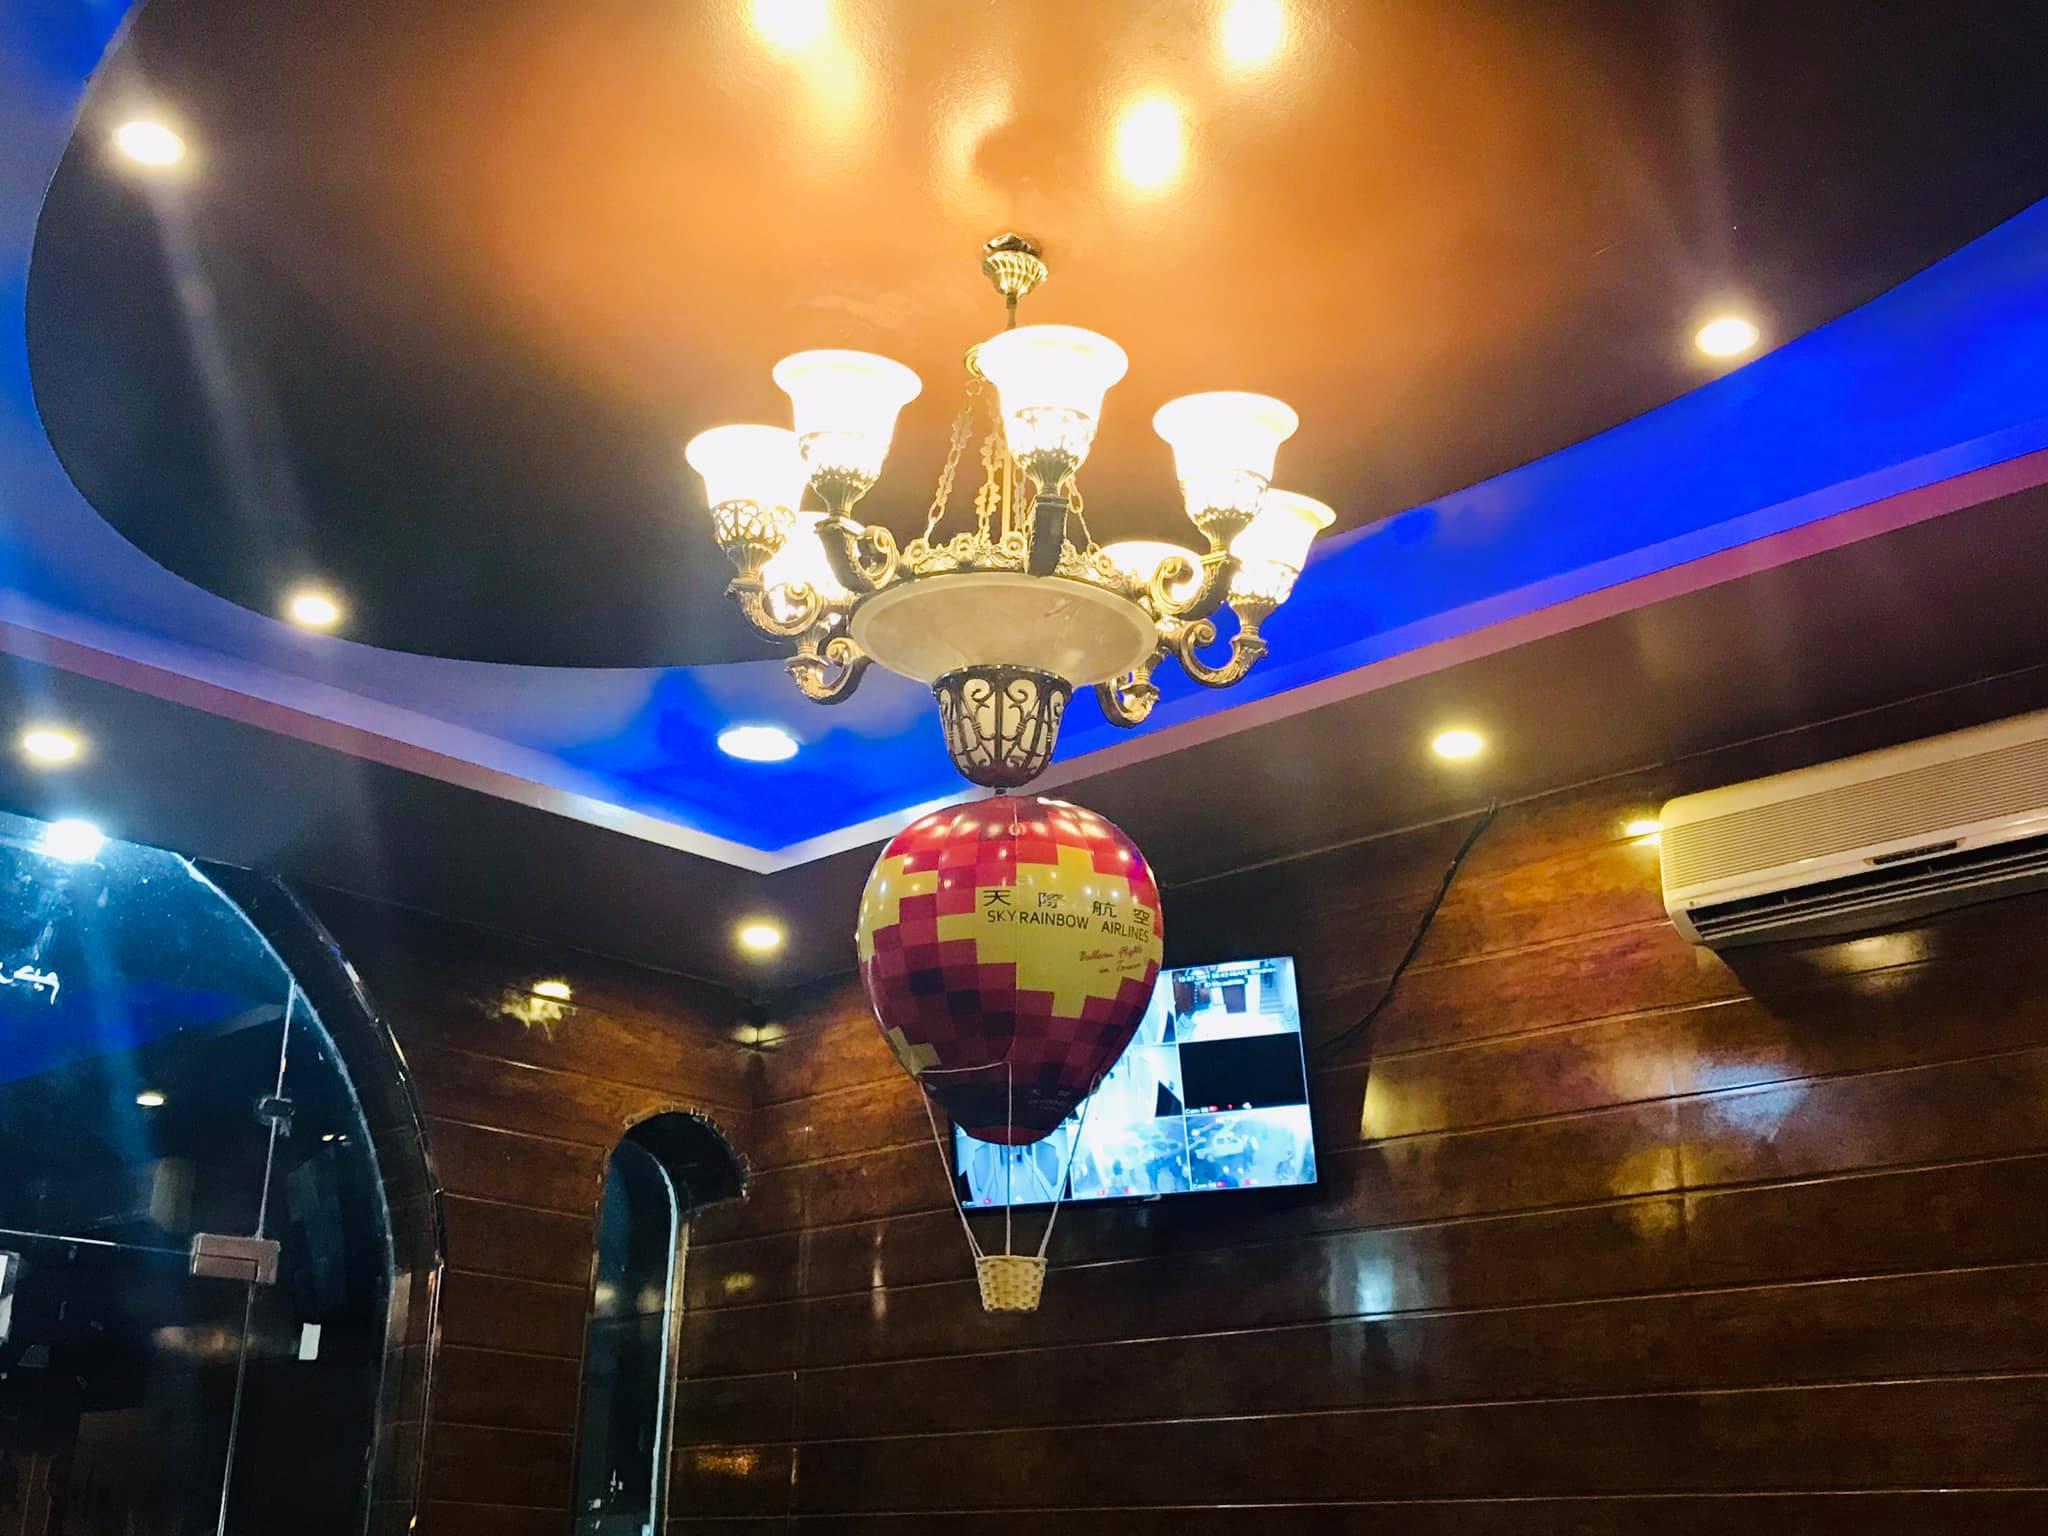 Skyrainbow fly in the Arabia 我們家天際紅熱氣球、走到哪都是一個裝置😄 #在阿拉伯很搶手